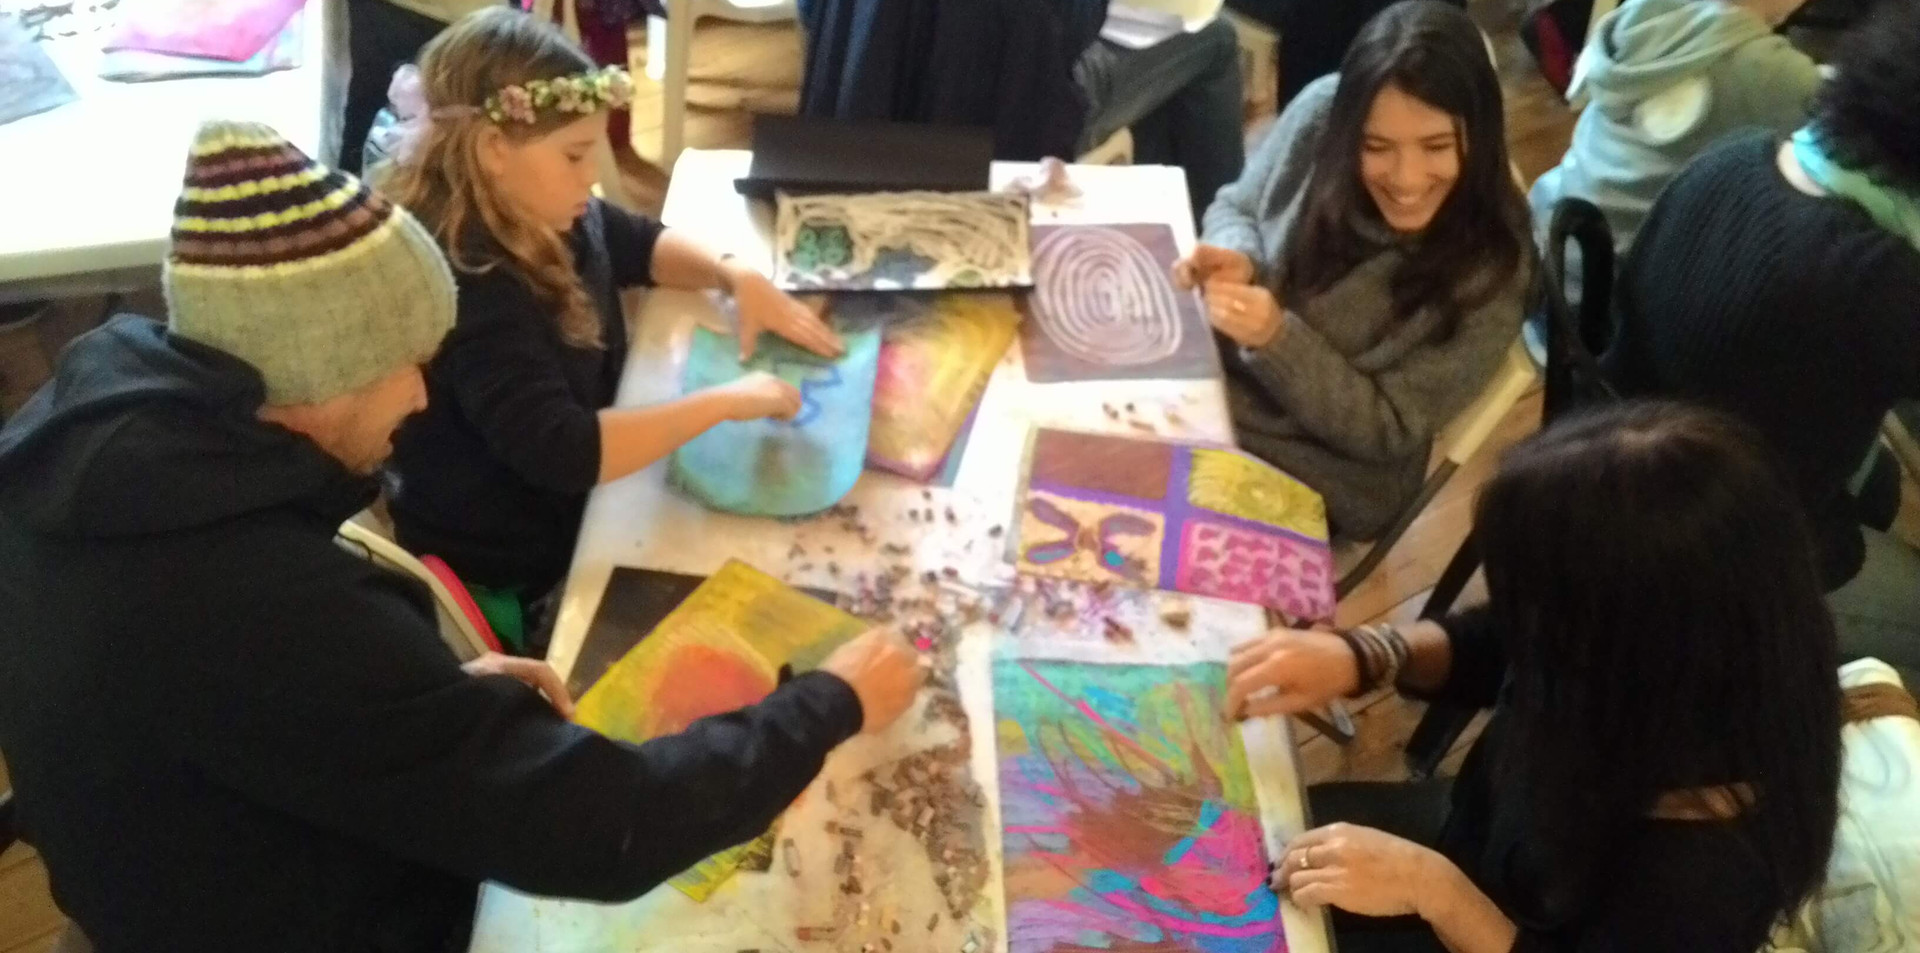 משפחה מציירת יחד בסדנא משותפת